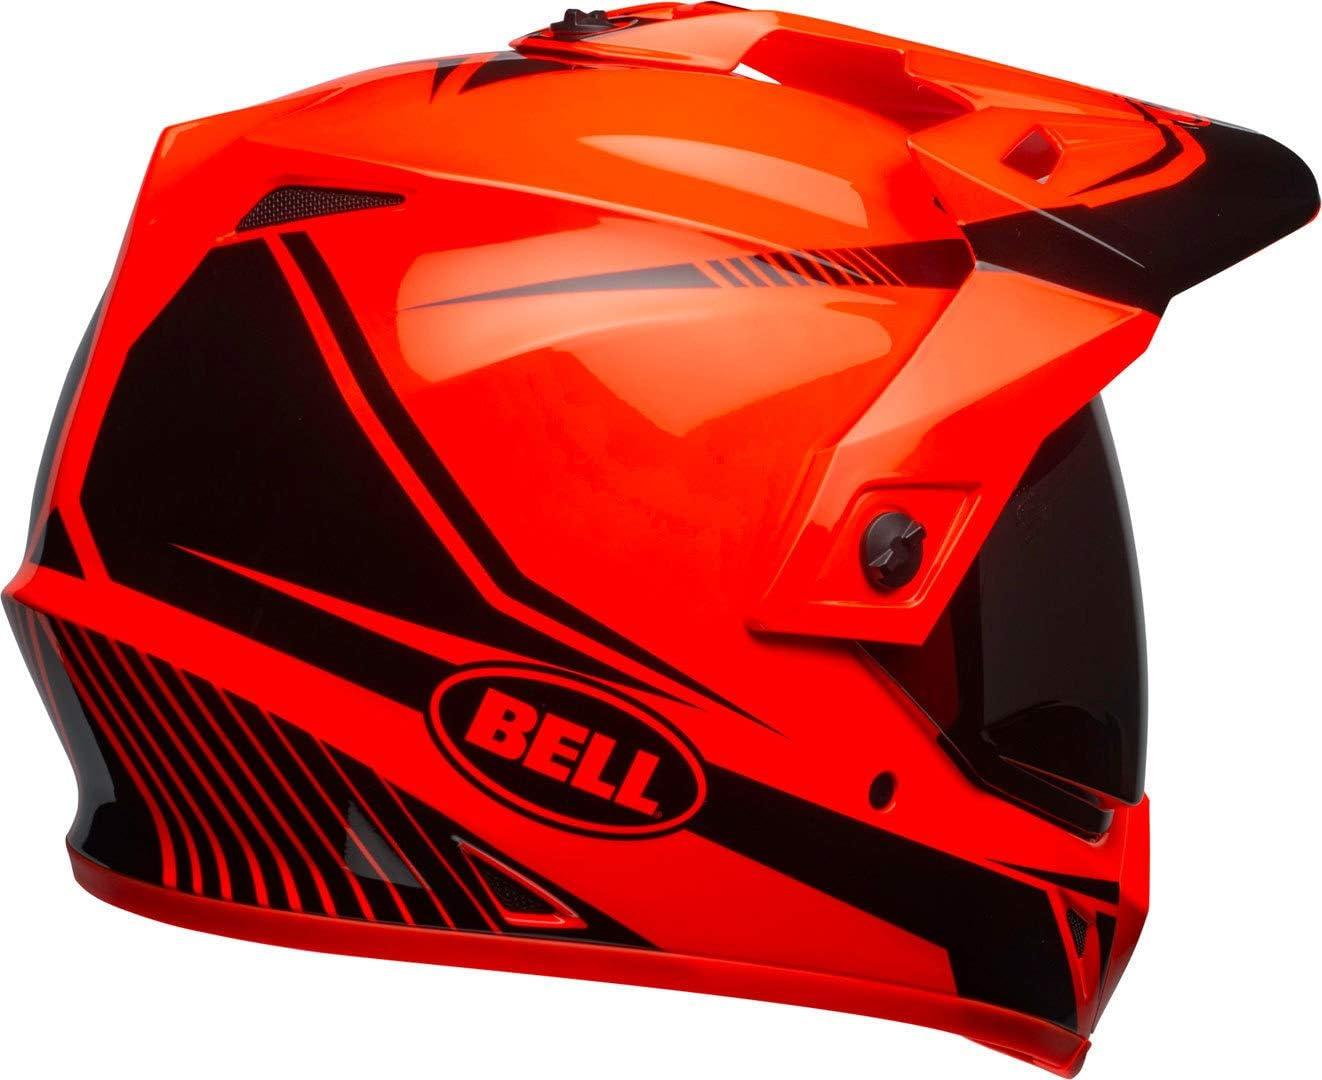 Bell Helmets Herren Bh 7092707 Bell Mx 9 Adventure Mips Taschenlampe Orange Schwarz Größe M M Auto